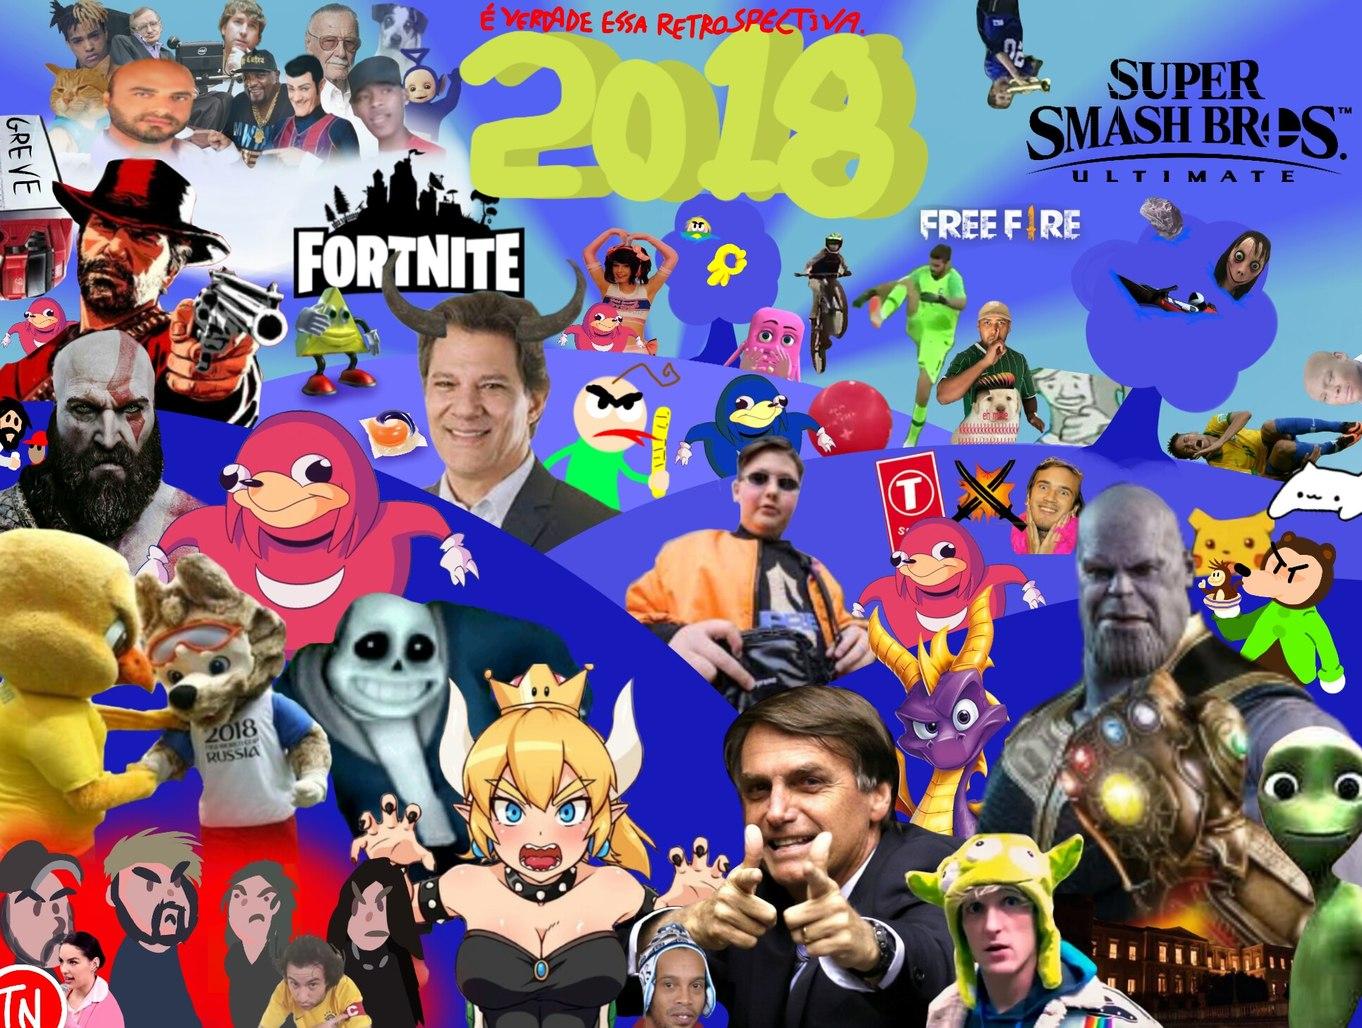 2018 foi louco - meme